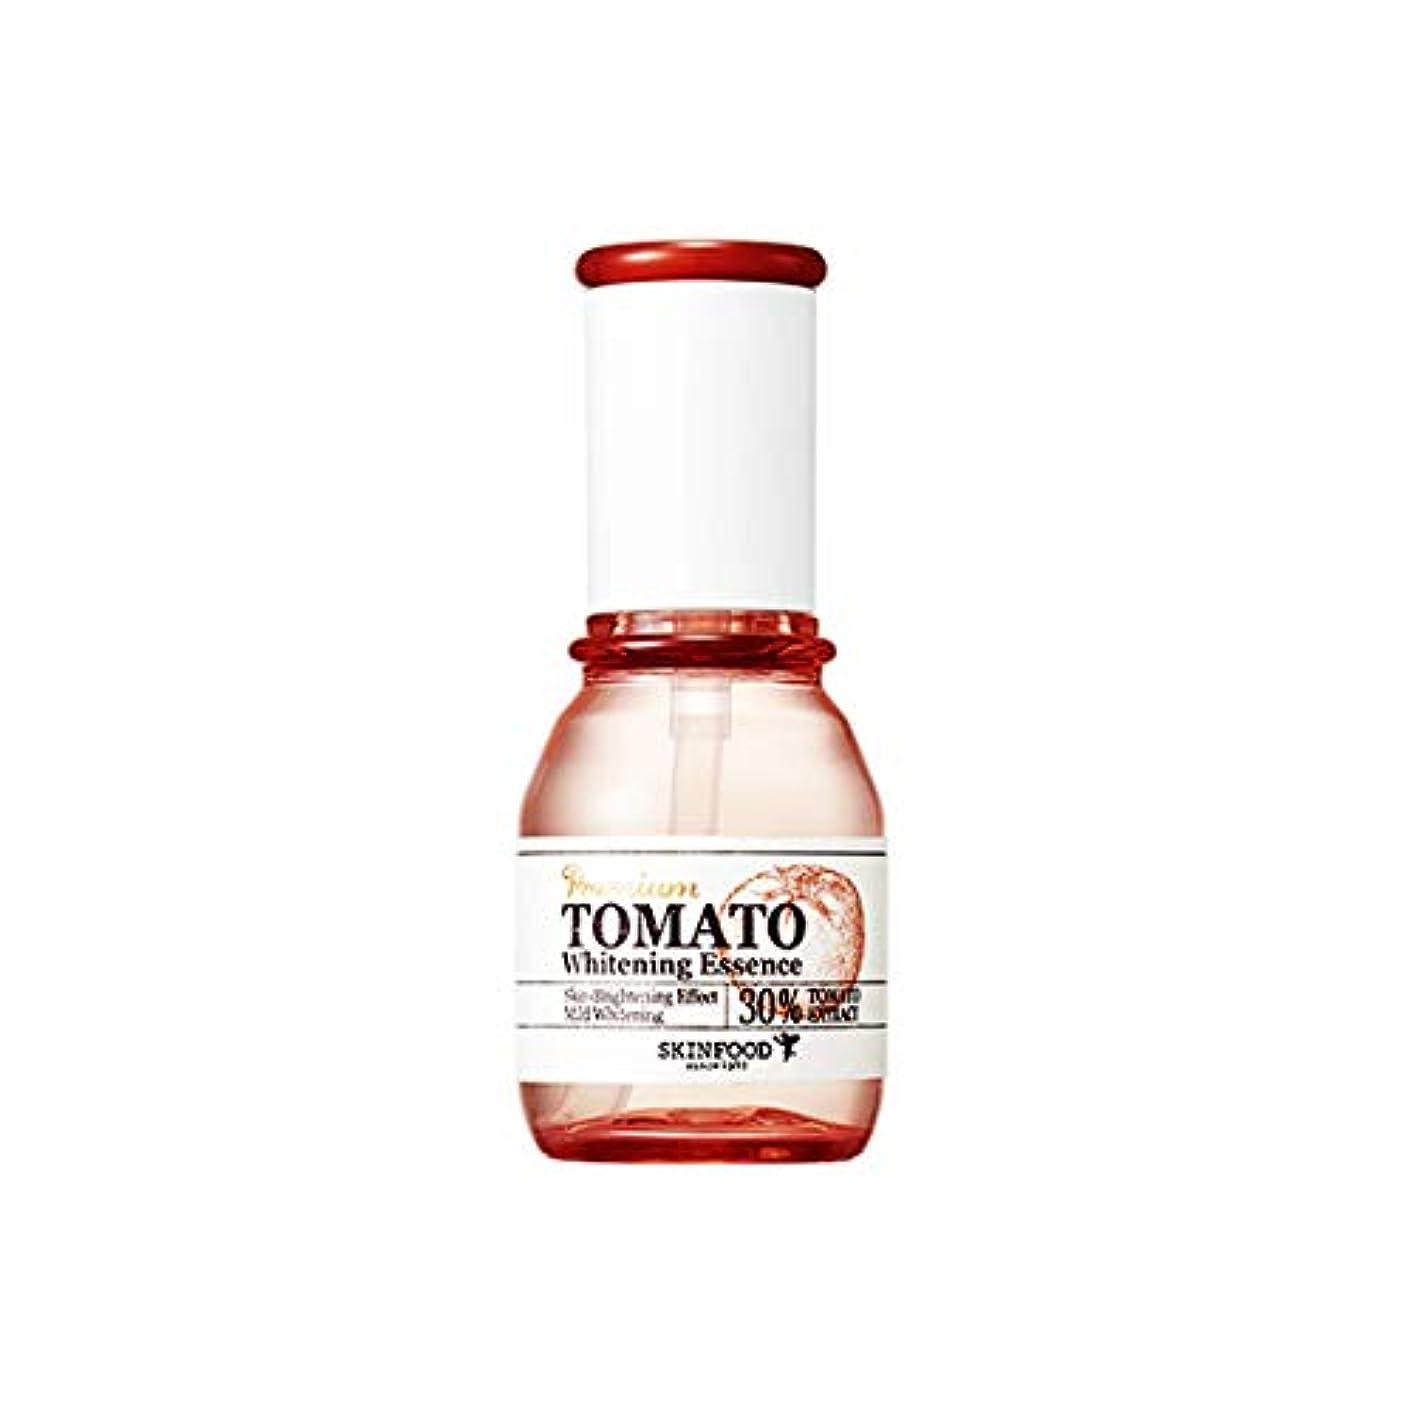 平等誤解する希少性Skinfood プレミアムトマトホワイトニングエッセンス(美白効果) / Premium Tomato Whitening Essence (Skin-Brightening Effect)50ml [並行輸入品]